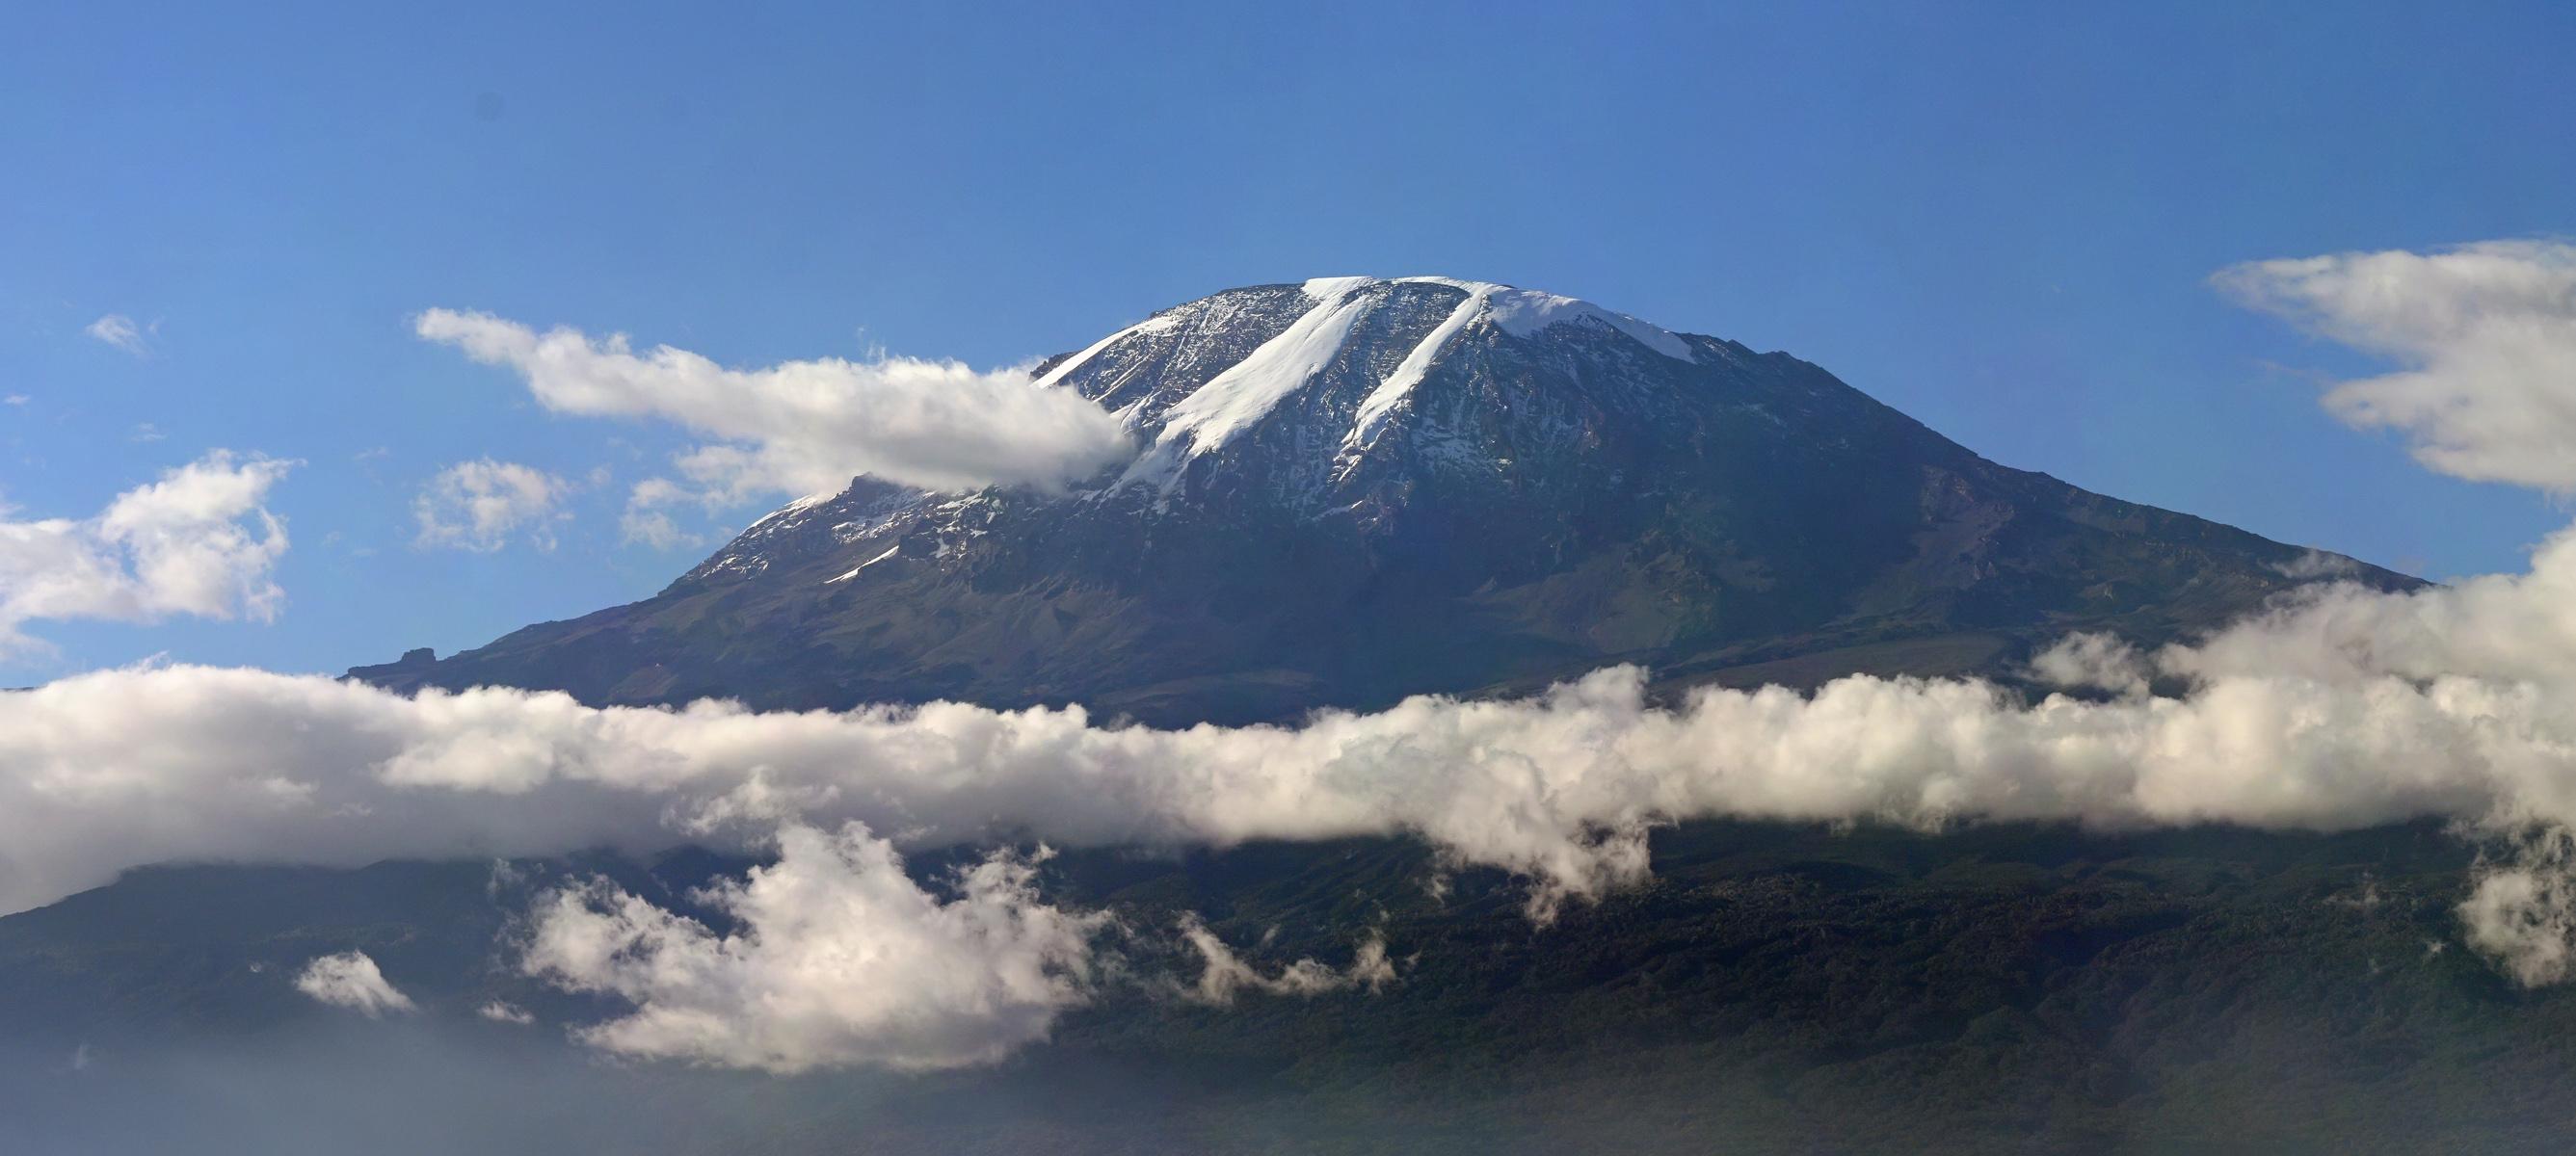 Afbeelding van de Kilimanjaro.